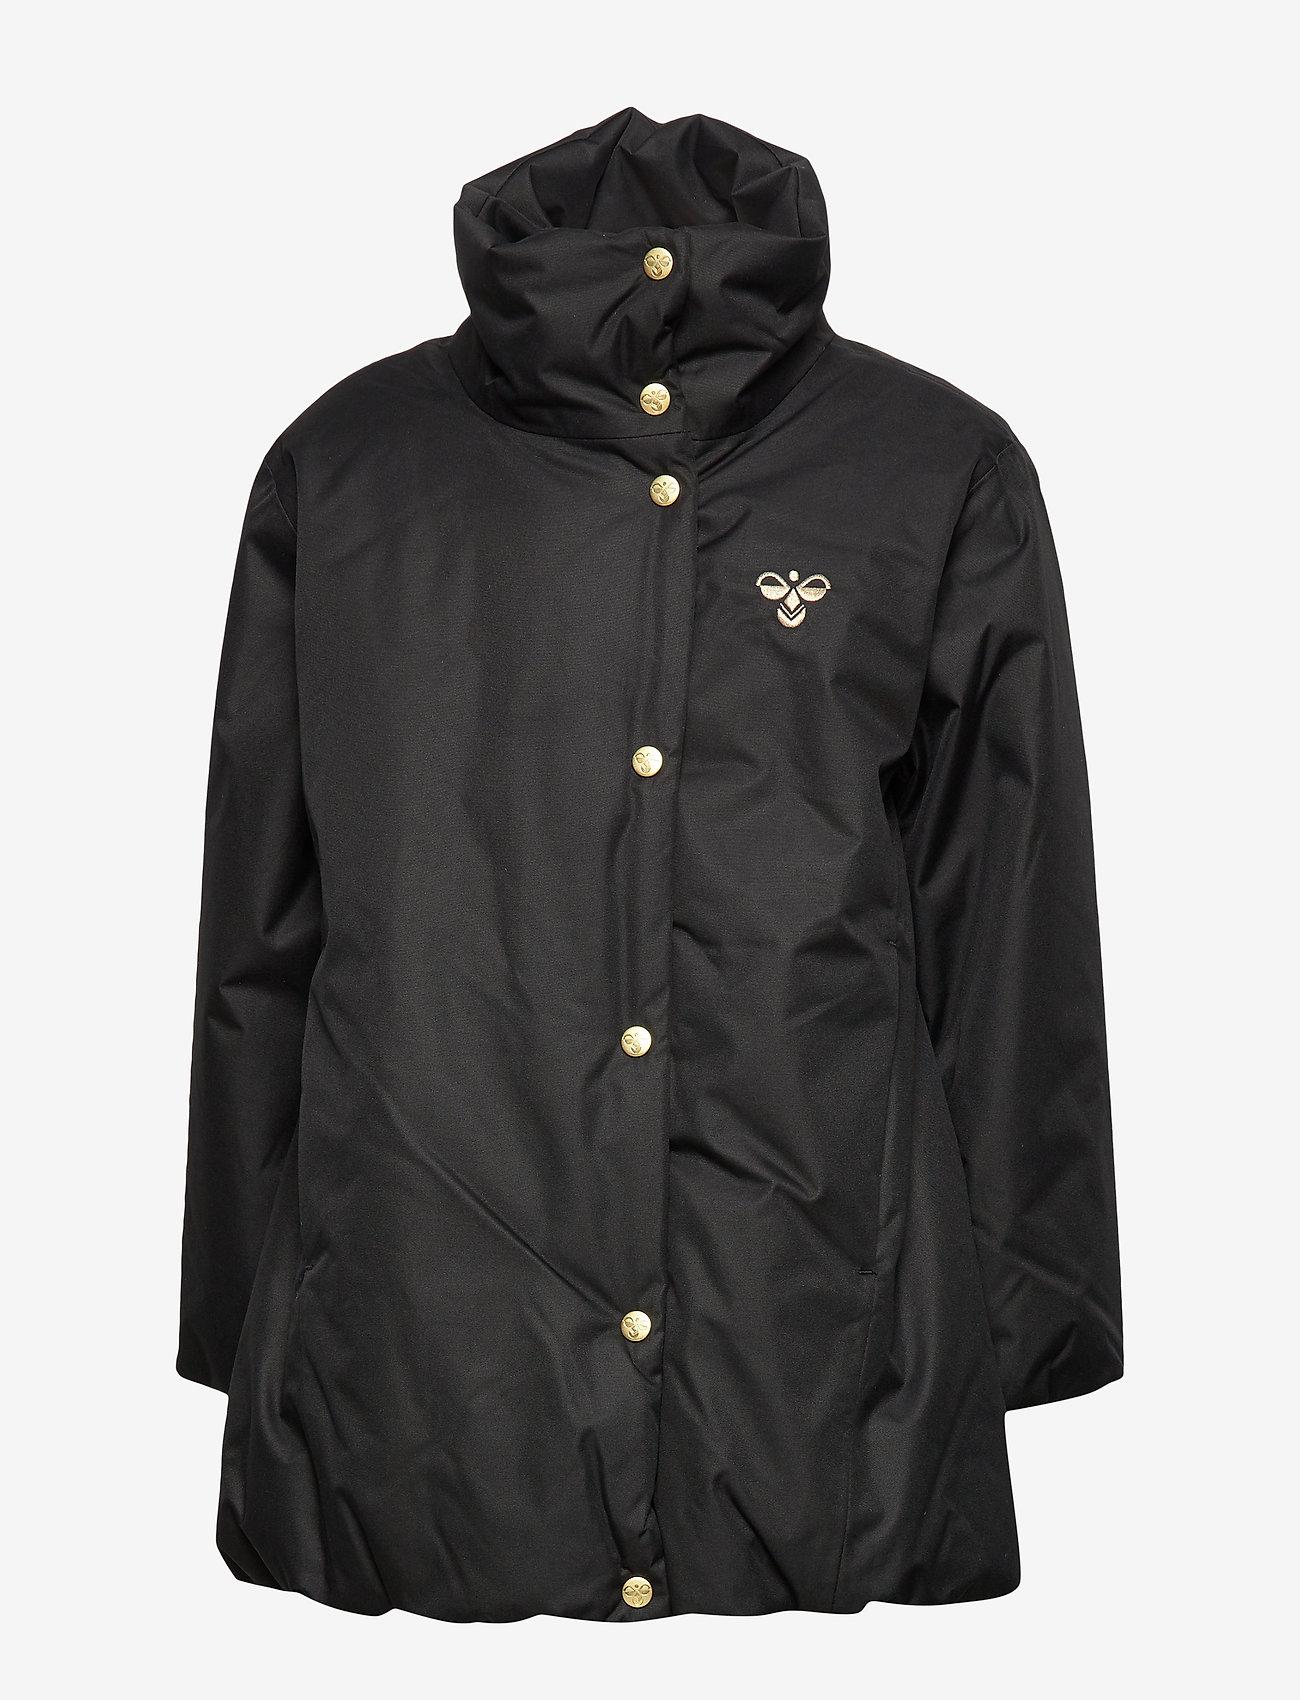 Hummel - hmlBIBI JACKET - insulated jackets - black - 1